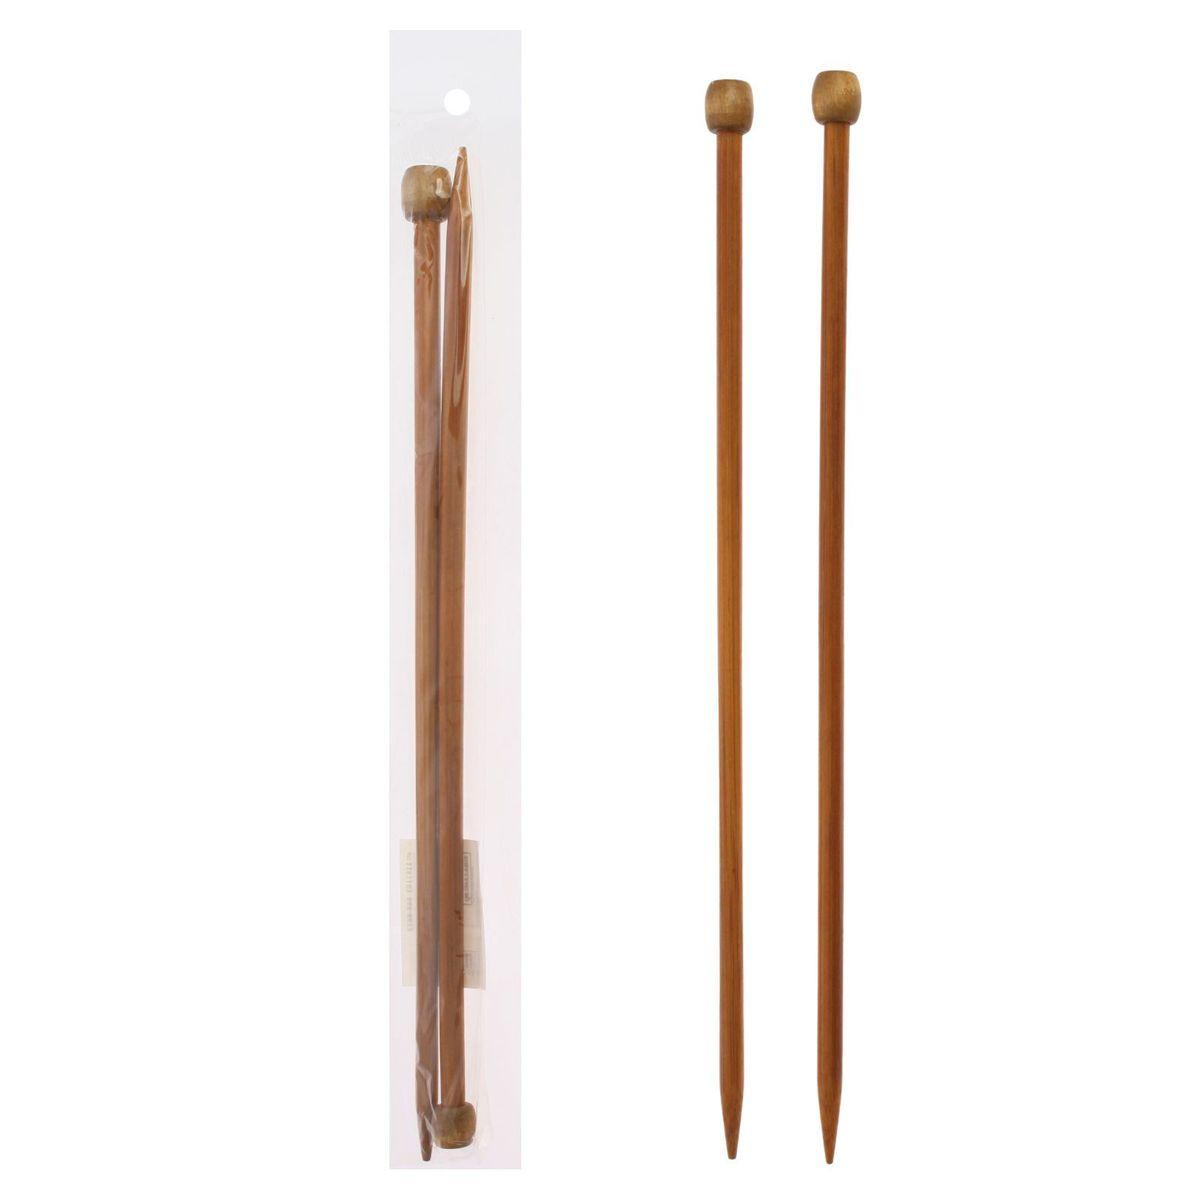 Спицы Sima-land, бамбуковые, прямые, диаметр 6 мм, длина 25 см, 2 шт сувенирное оружие sima land мушкет на планшете 2 шт 227436